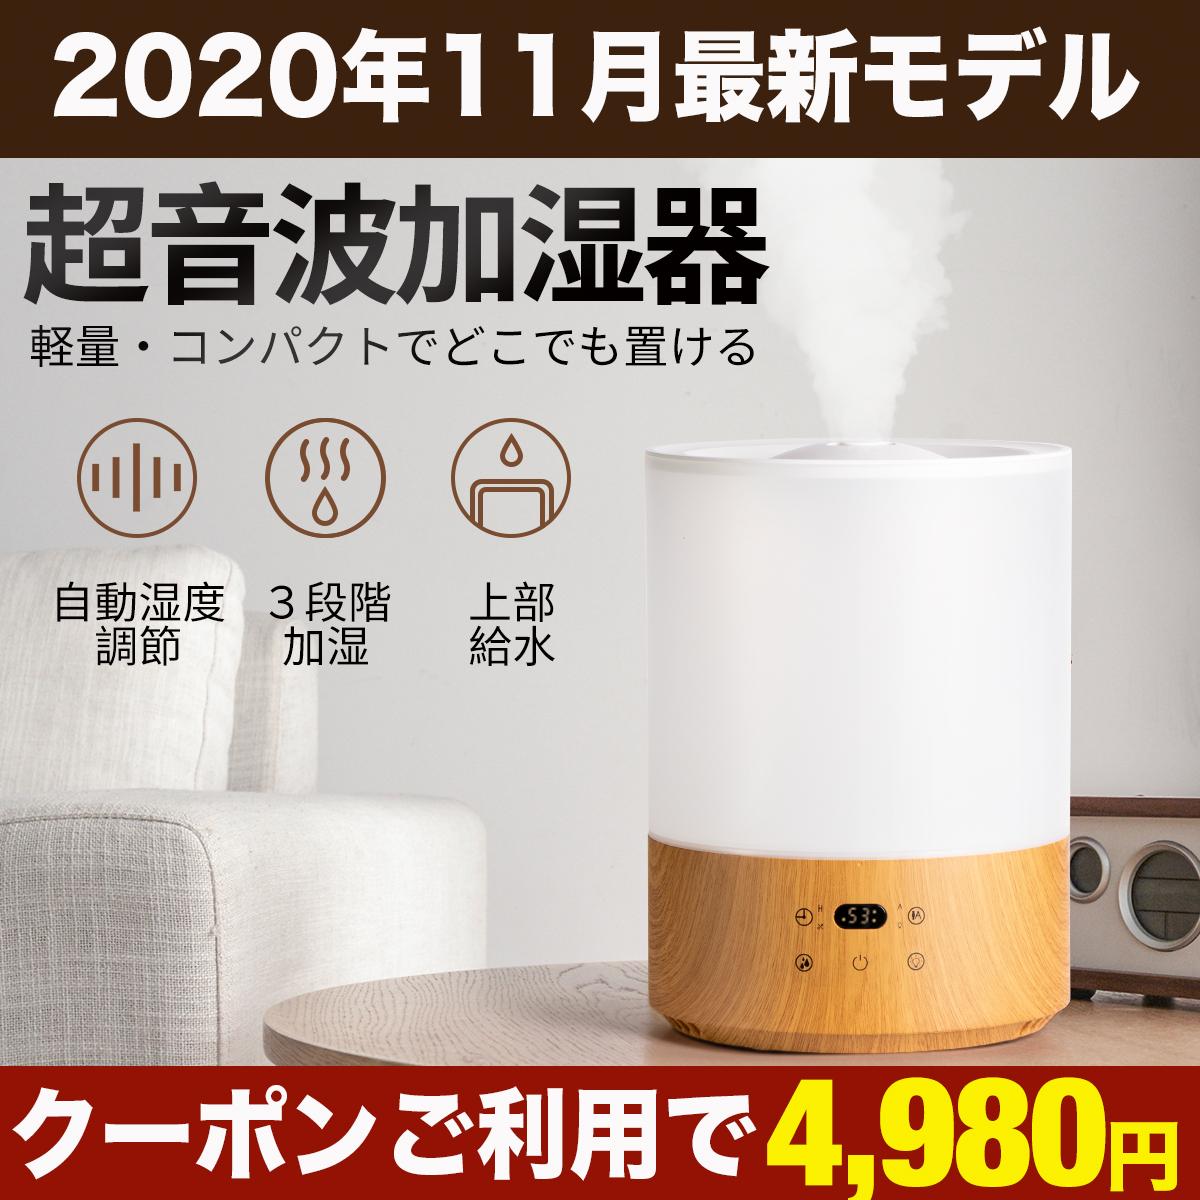 加湿器 卓上 超音波 大容量 4L アロマ対応 2020新型 大容量 小型 コンパクト 上部給水式加湿器 おしゃれ かわいい 静音 省エネ 節電 エコ